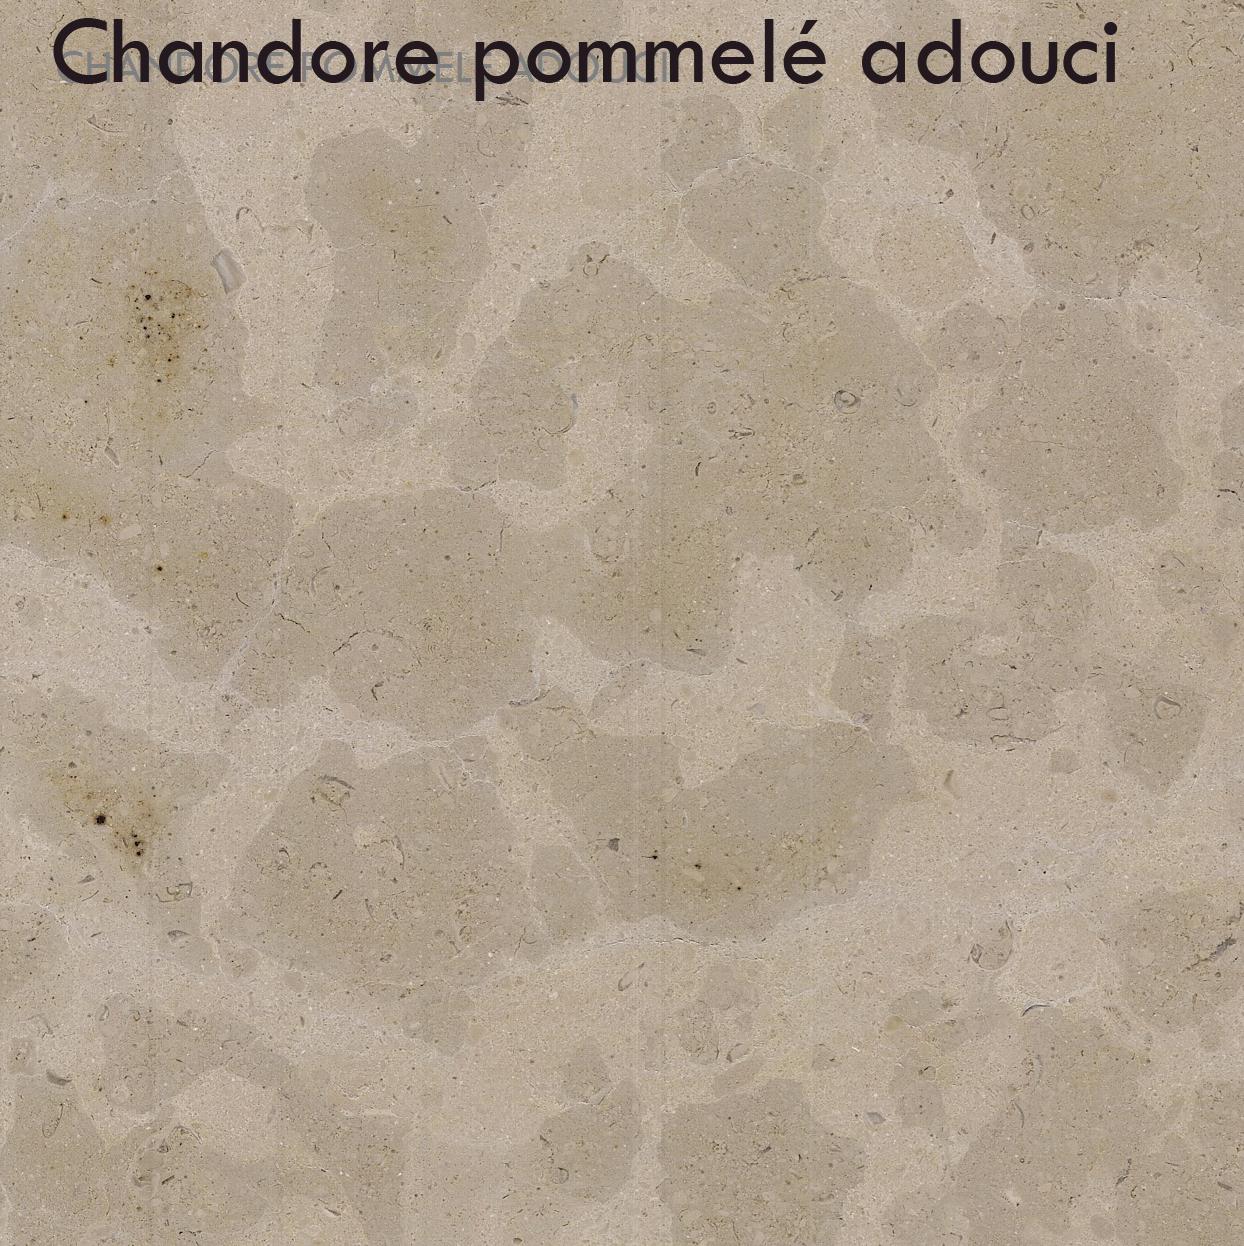 Chandoré pommelé adouci